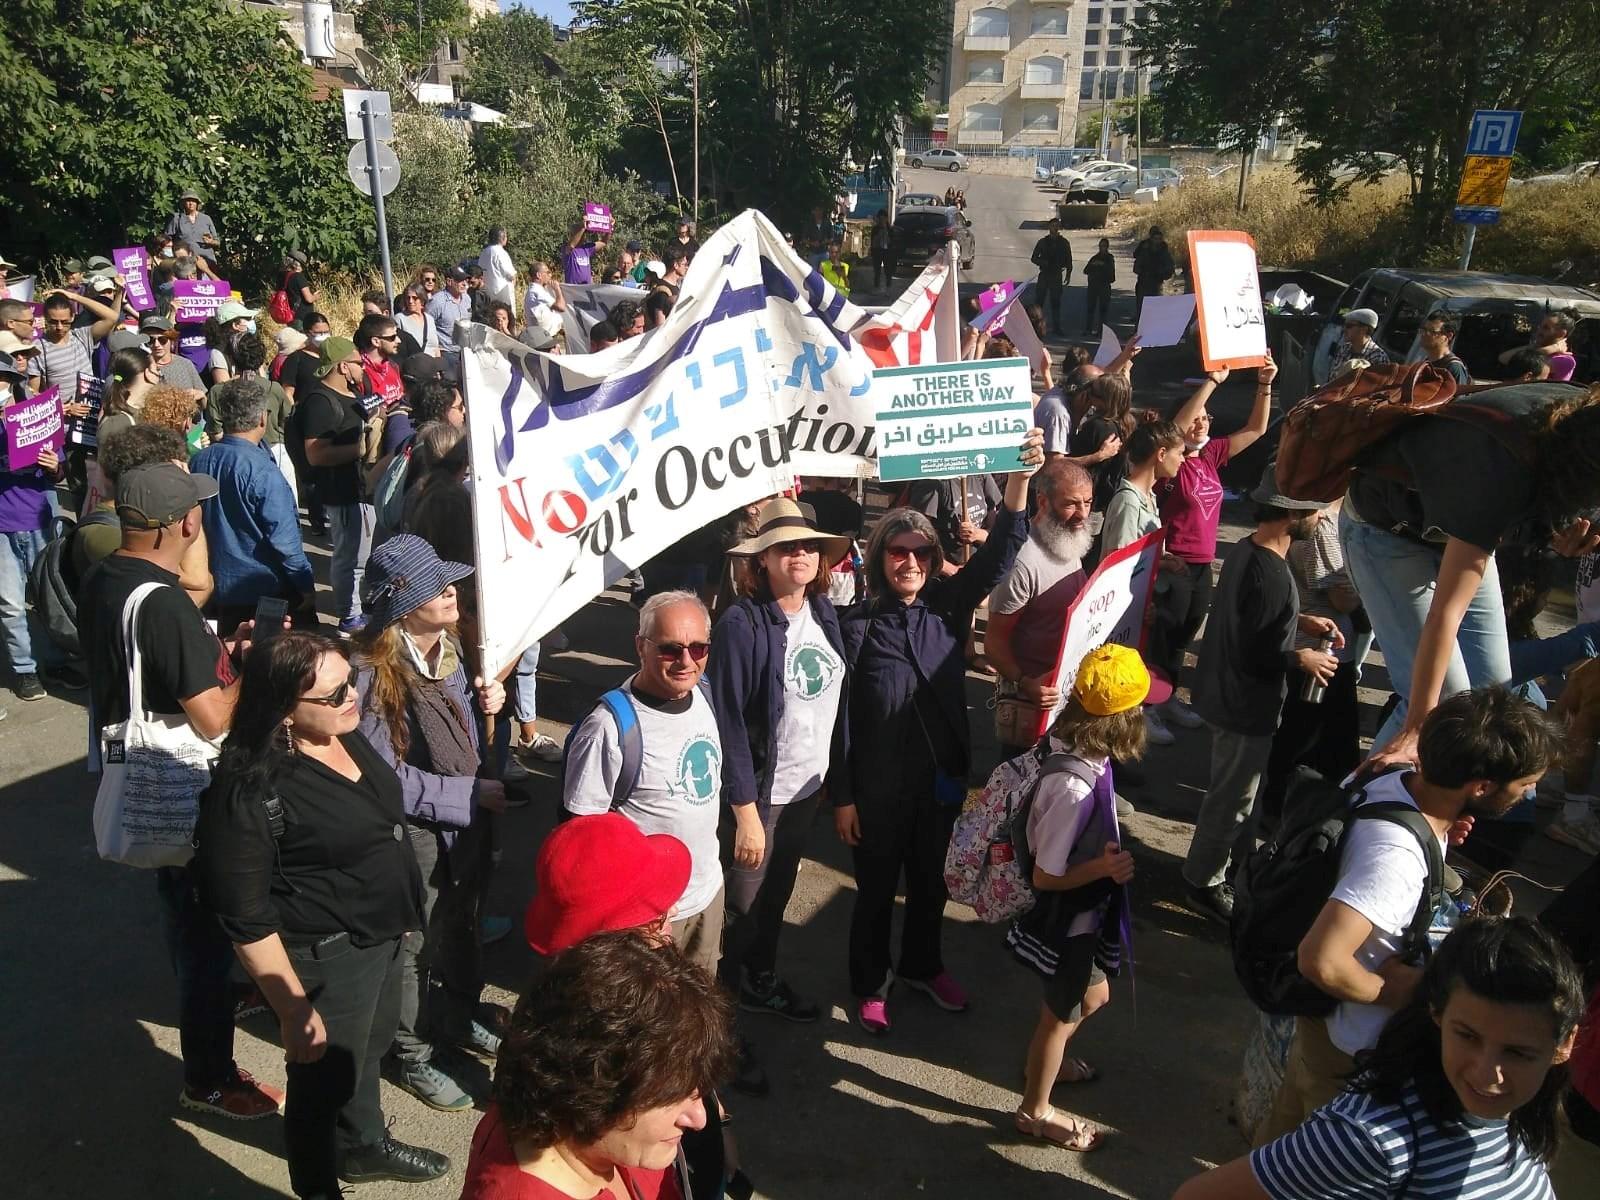 הפגנה בשייח' ג'ראח נגד גירוש תושביה הפלסטינים פוזרה בכוח רב